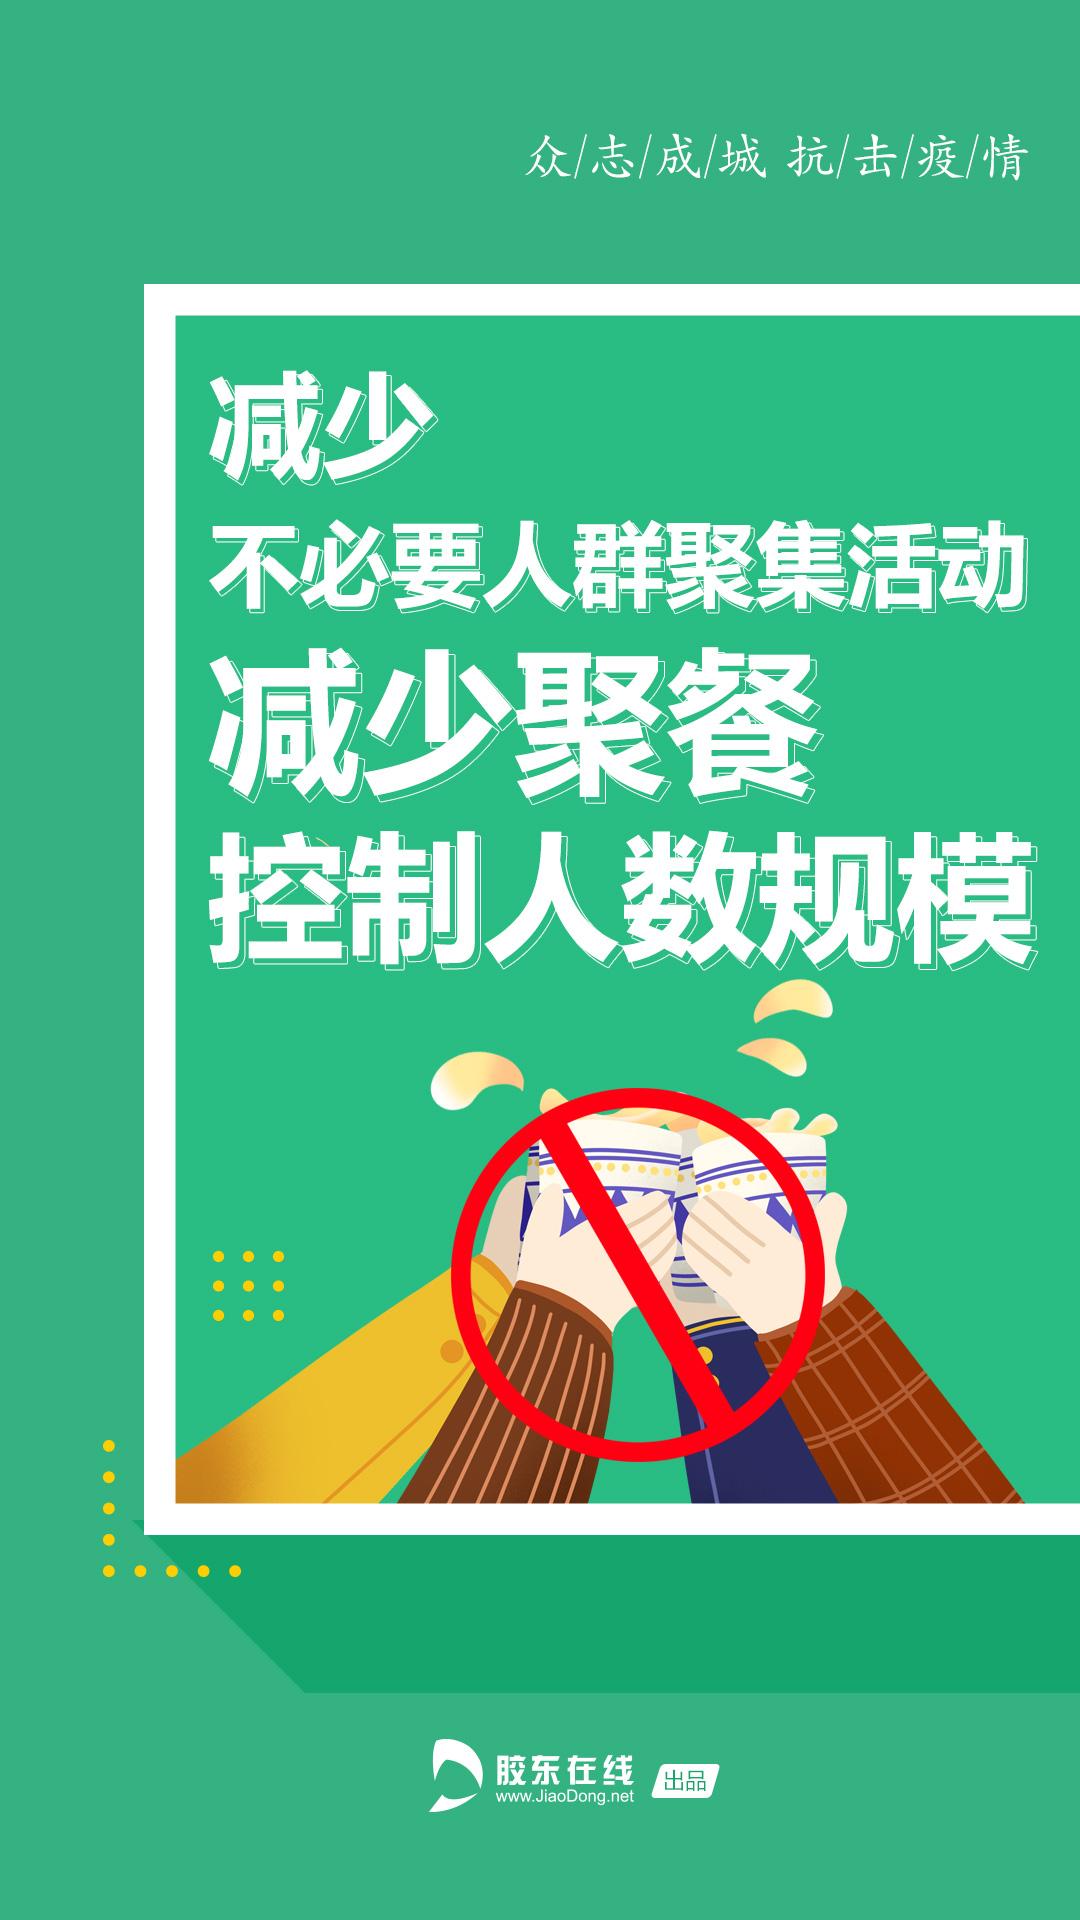 天富官网测速地址系列海报:科学应对 群防群控 众志成城 抗击疫情